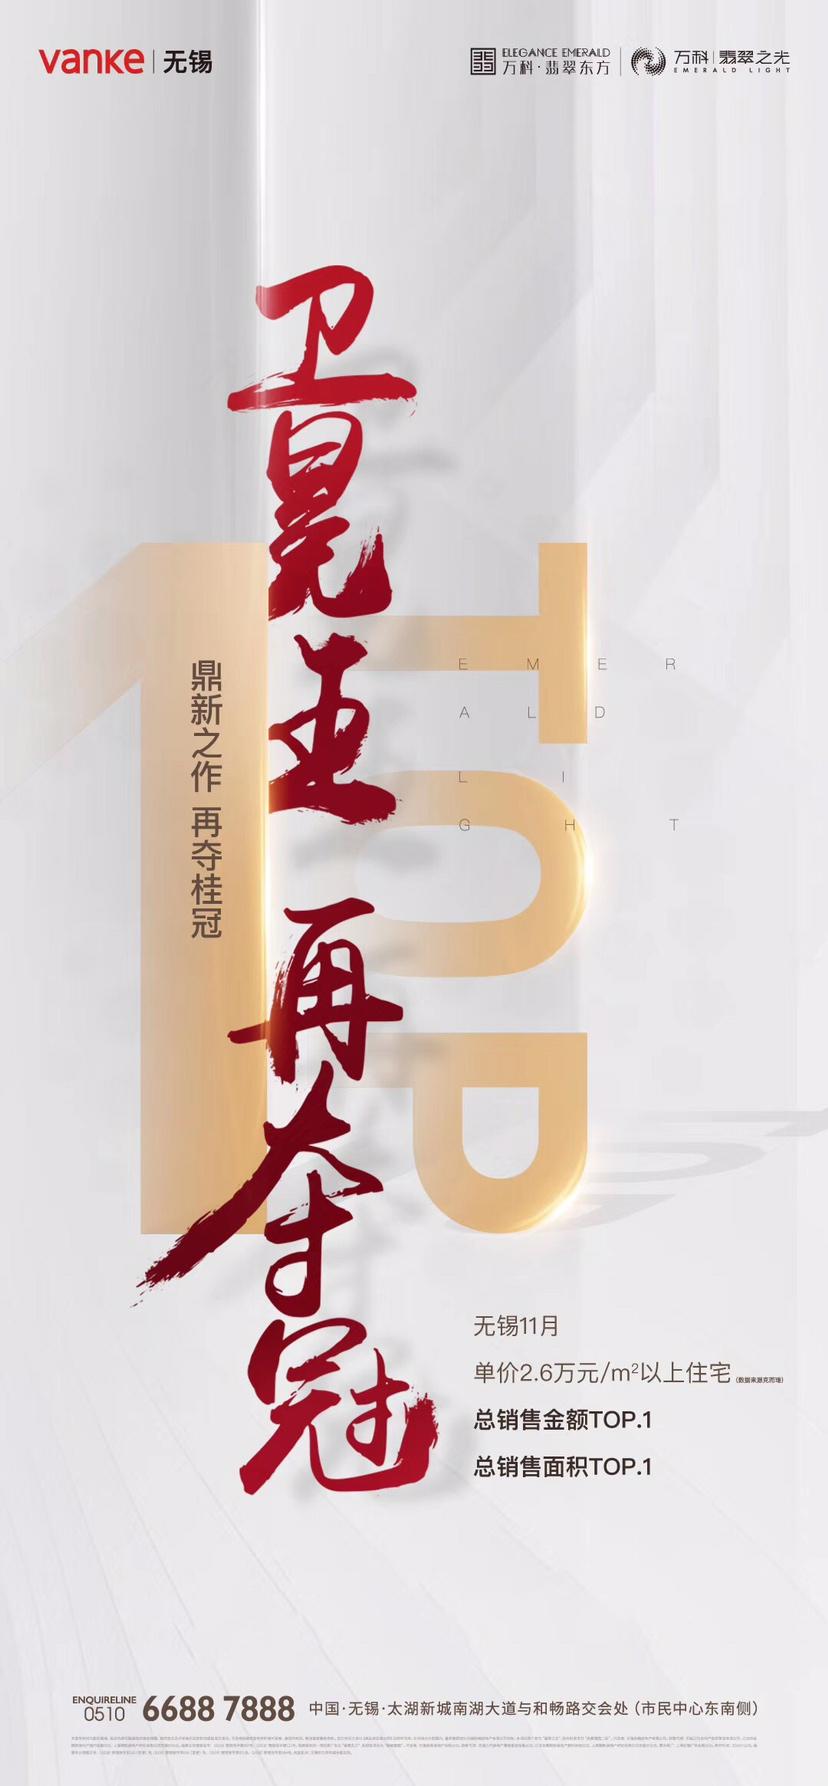 万科翡翠东方视频封面图